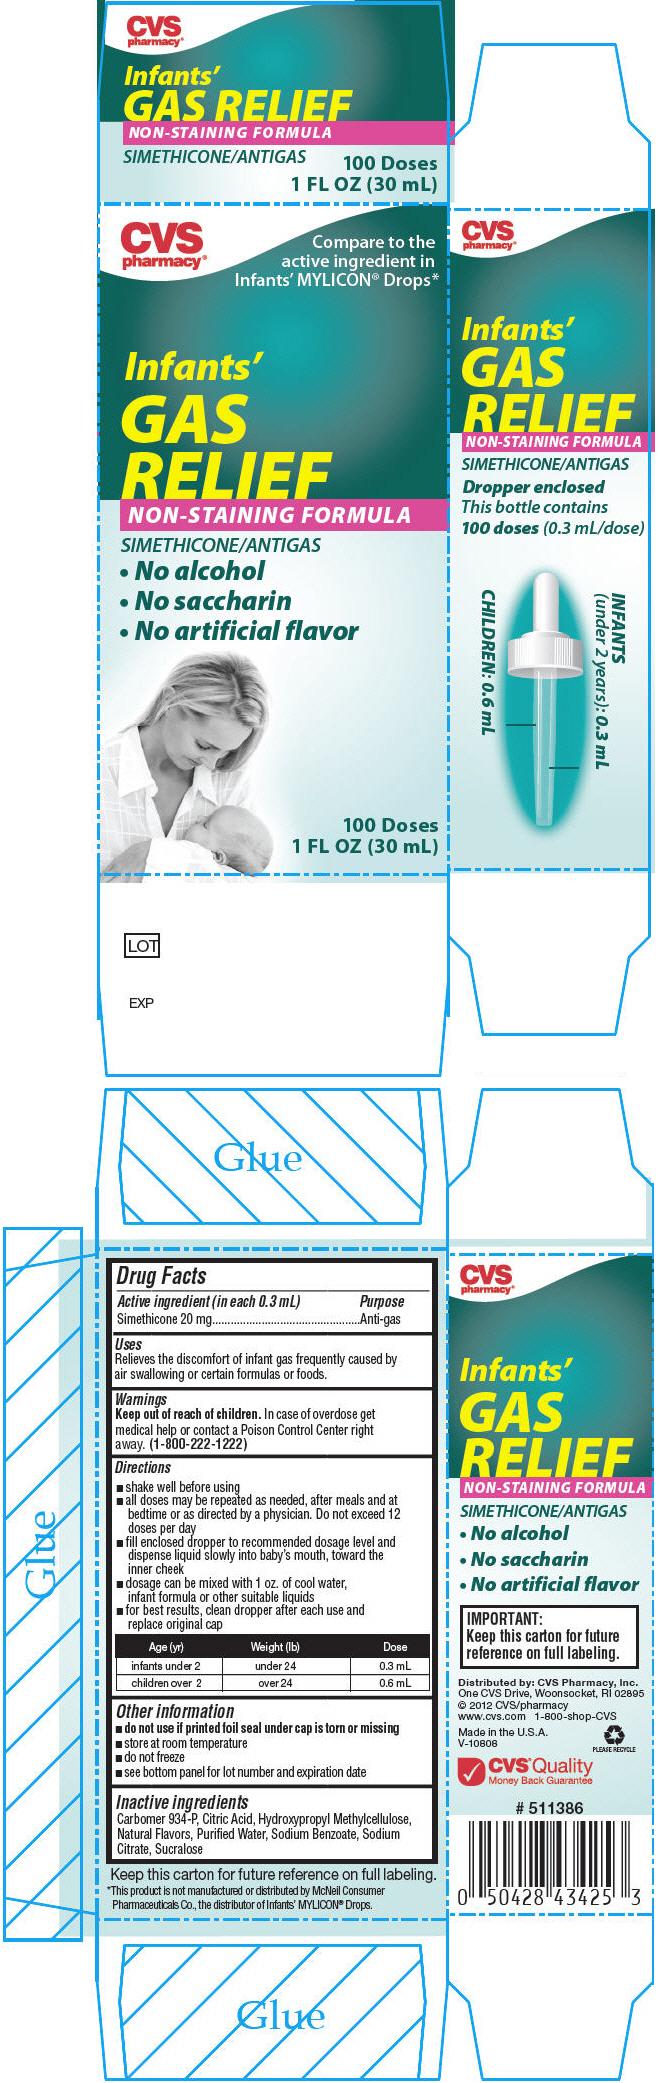 Infants Gas Relief Non-staining Formula (Dimethicone) Liquid [Cvs]